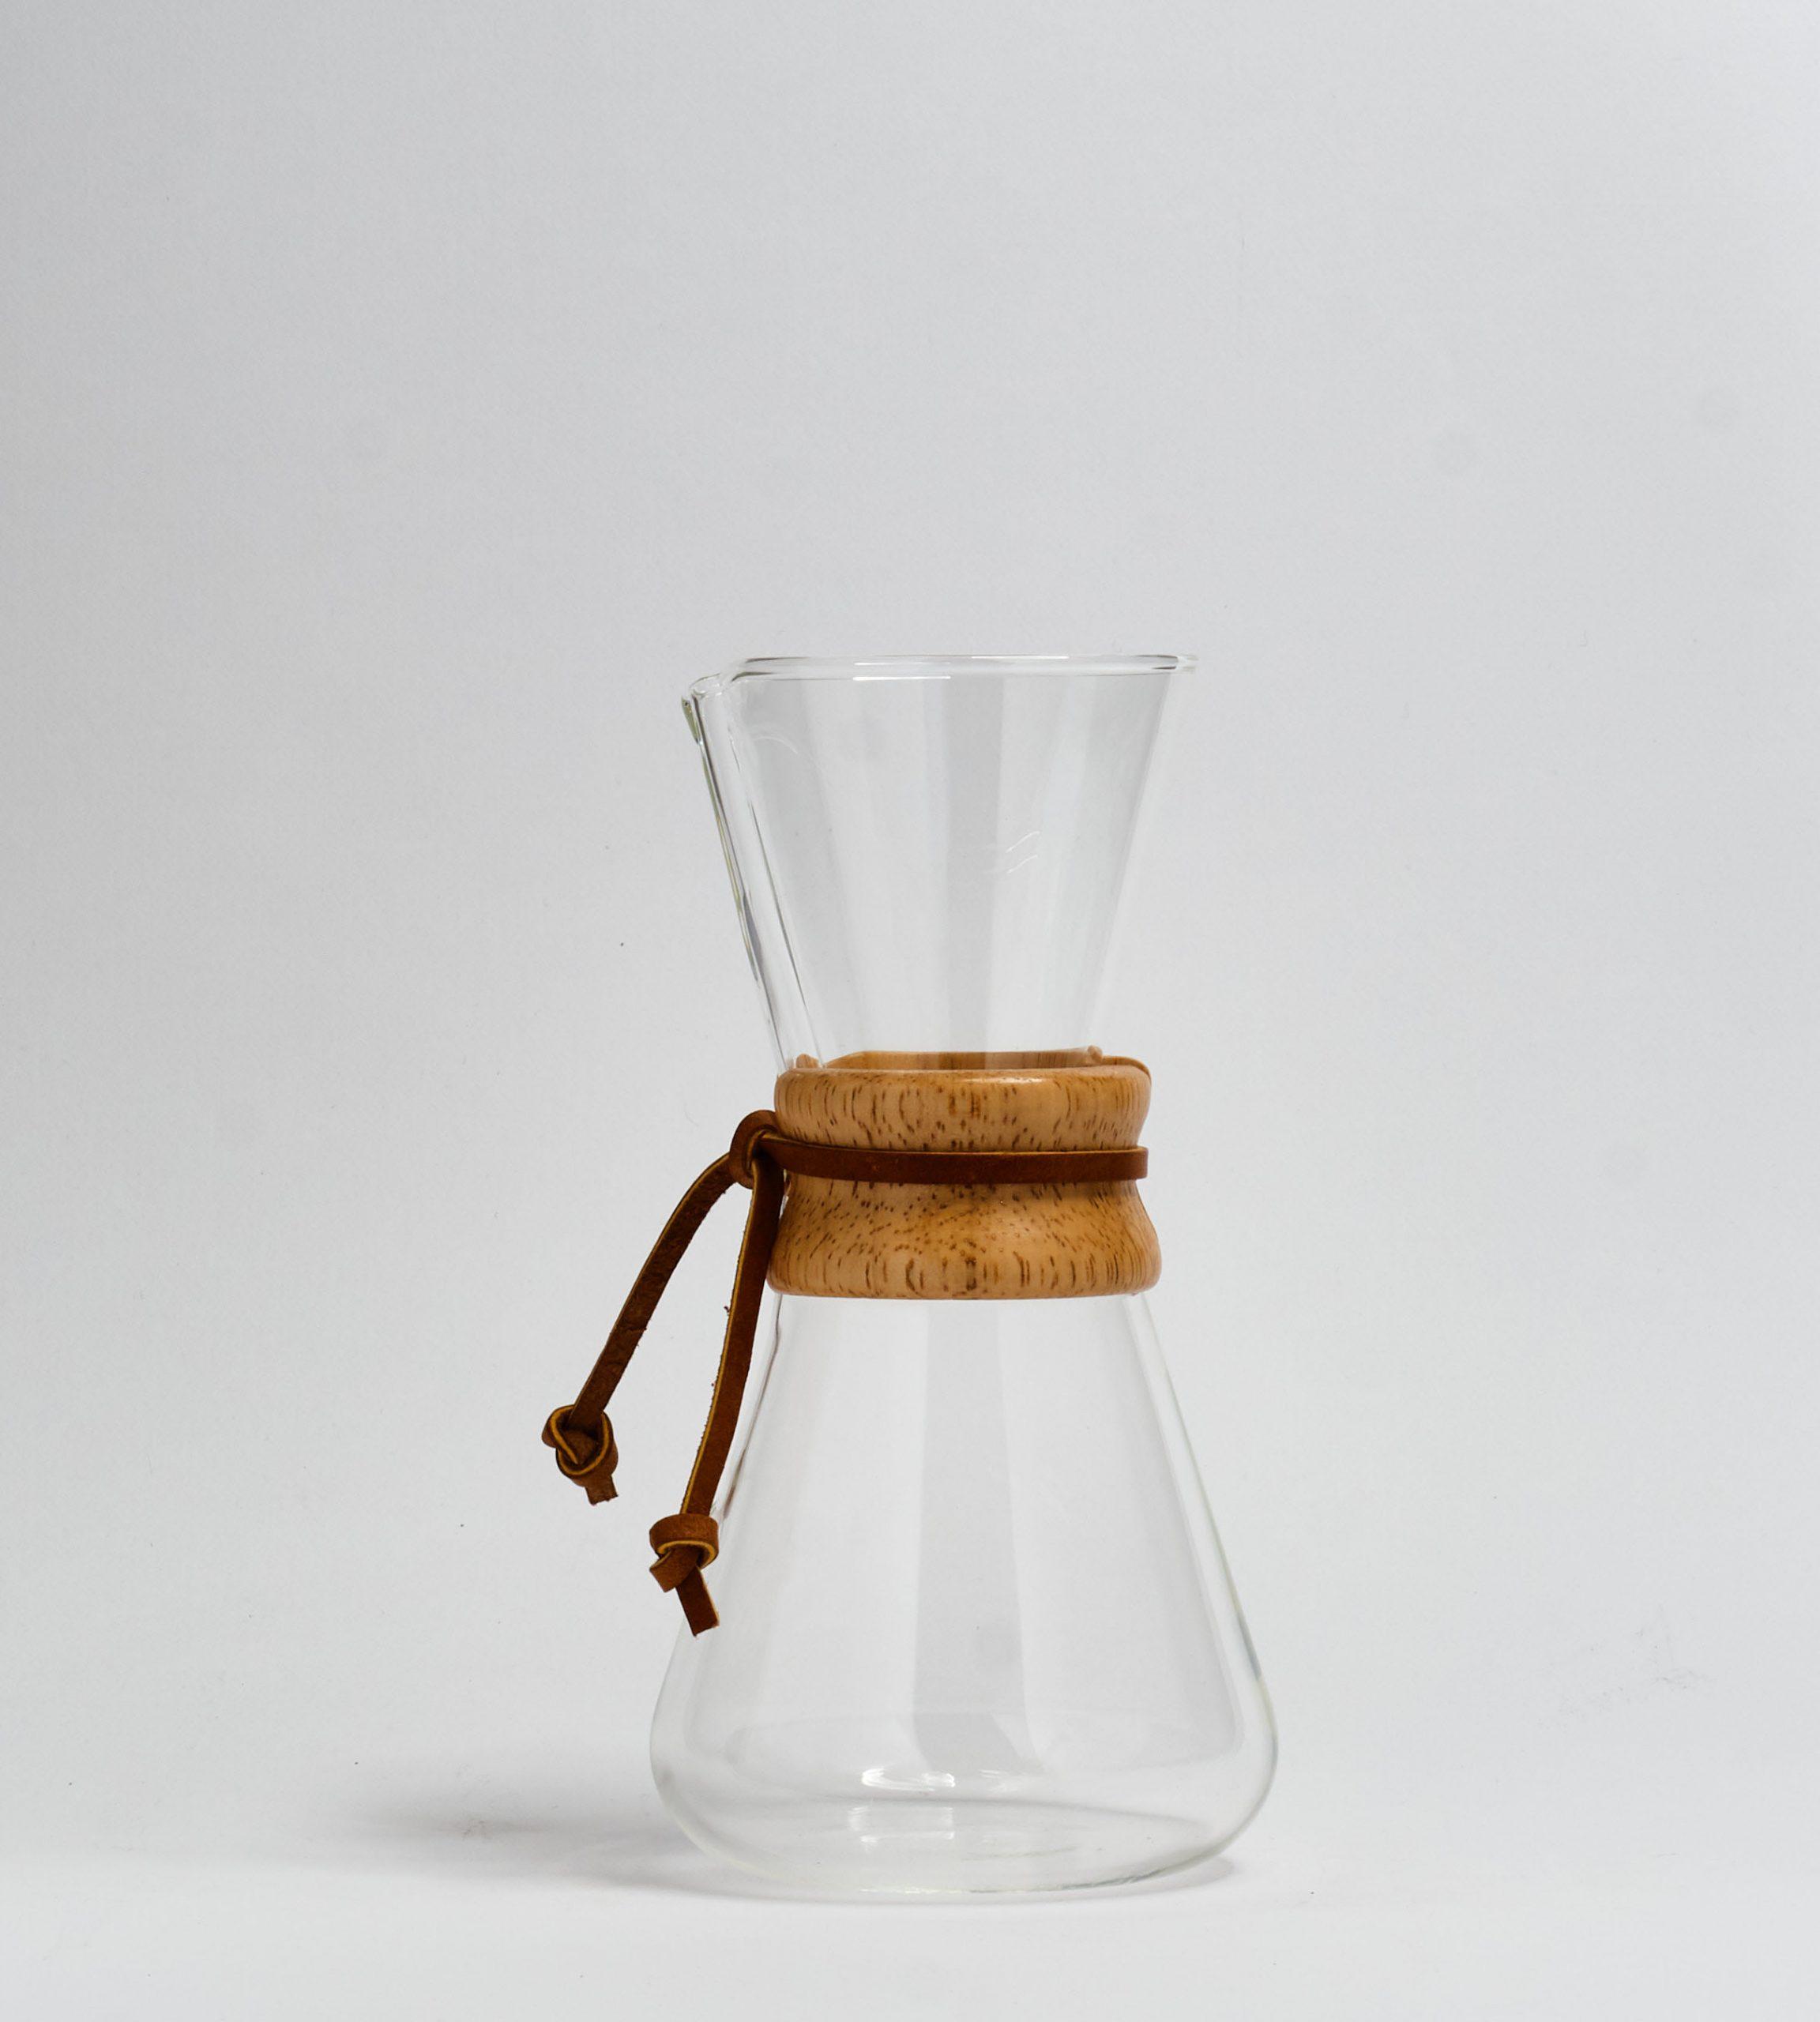 Kaffeekaraffe, 1-3 Tassen-prev-1